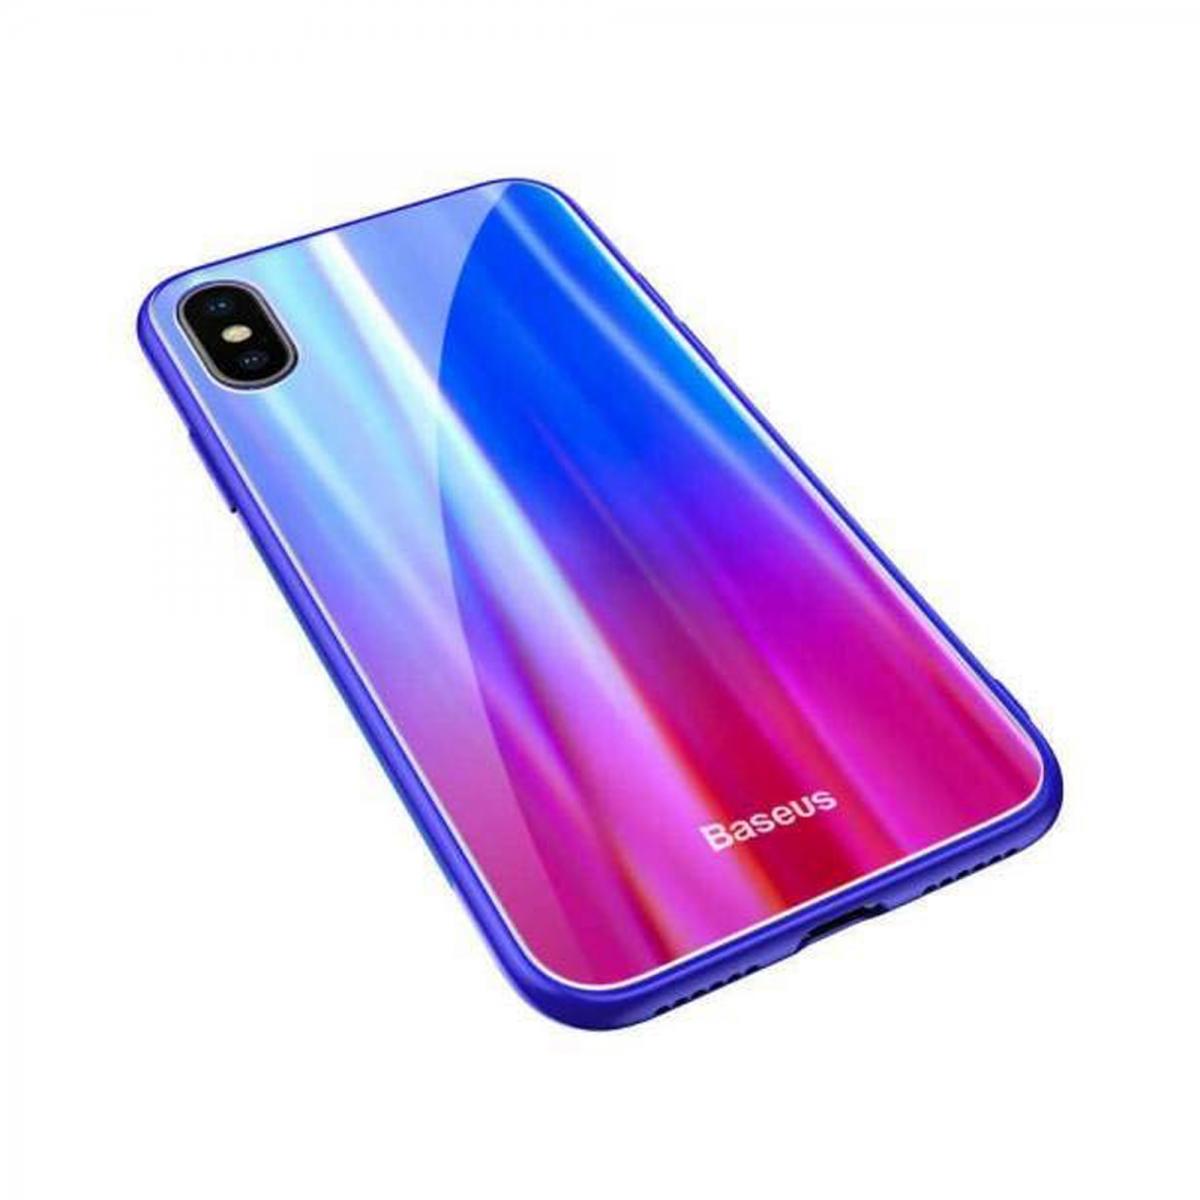 Чехол для сотового телефона Baseus WIAPIPHX-XC39, синий, красный baseus guards case tpu tpe cover for iphone 7 plus blue